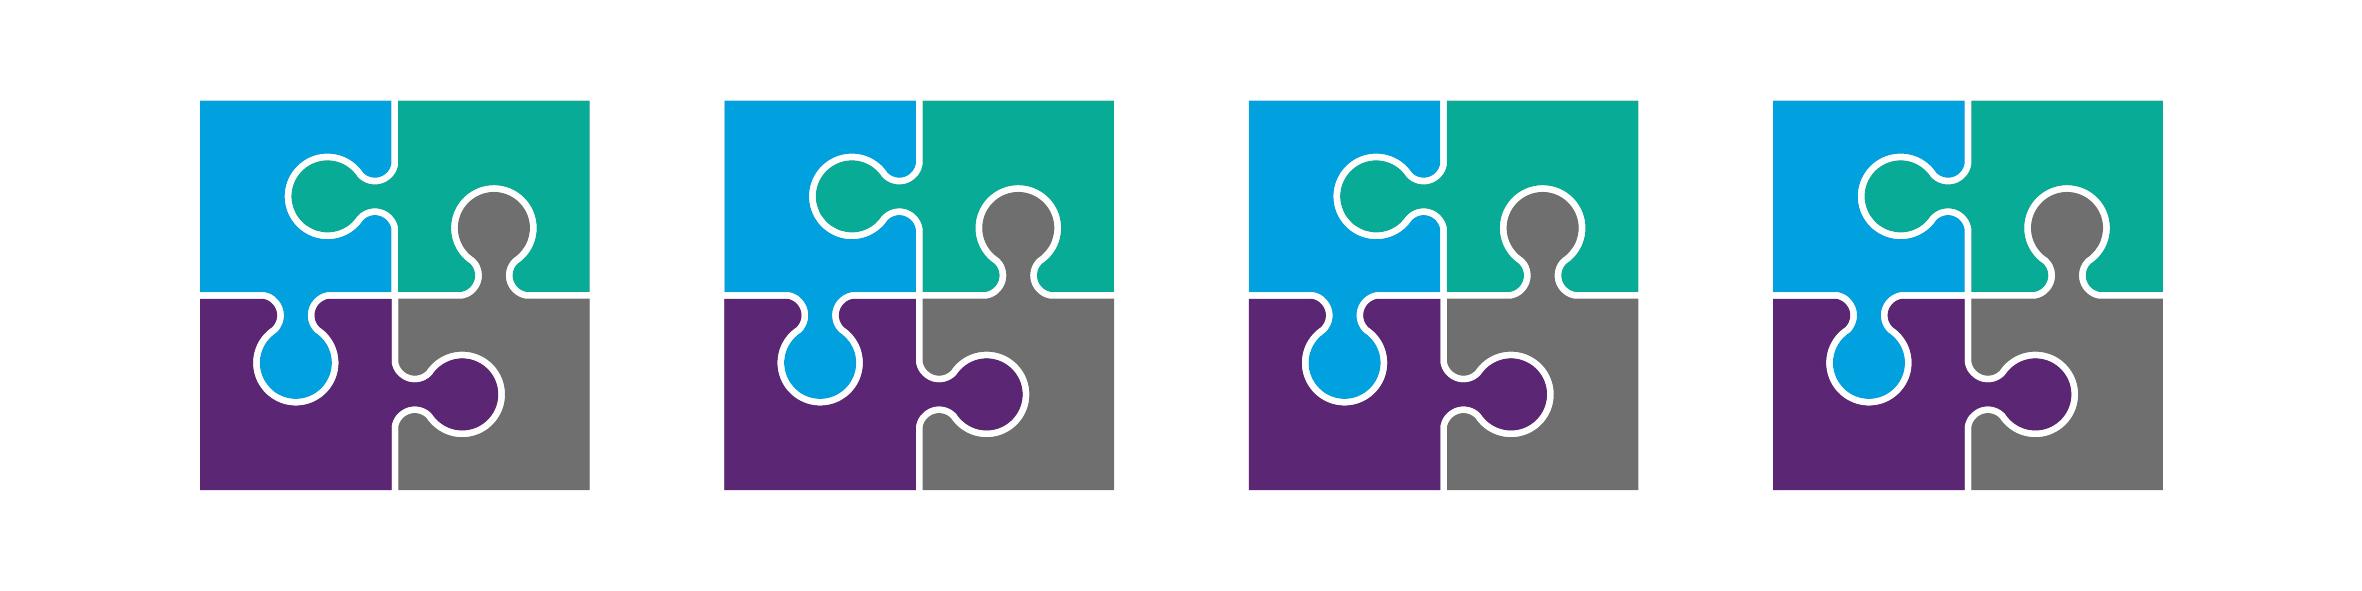 gruppenpuzzle_teil2